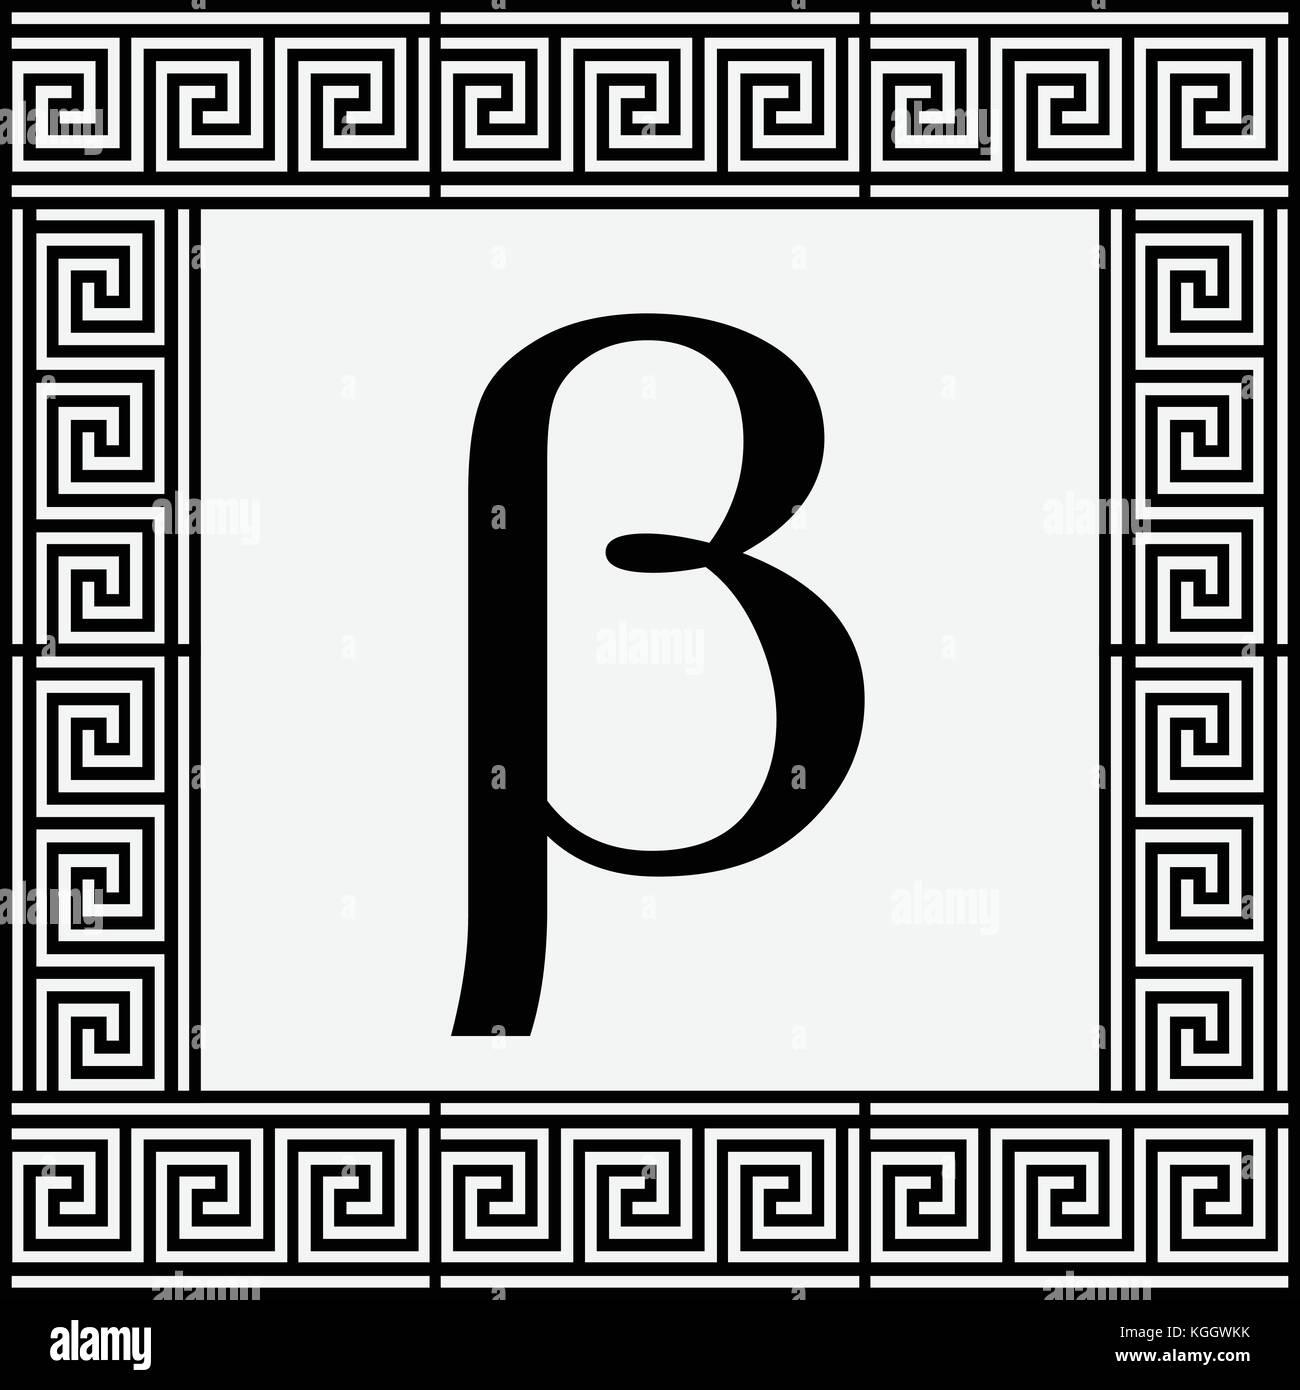 Beta Greek Letter